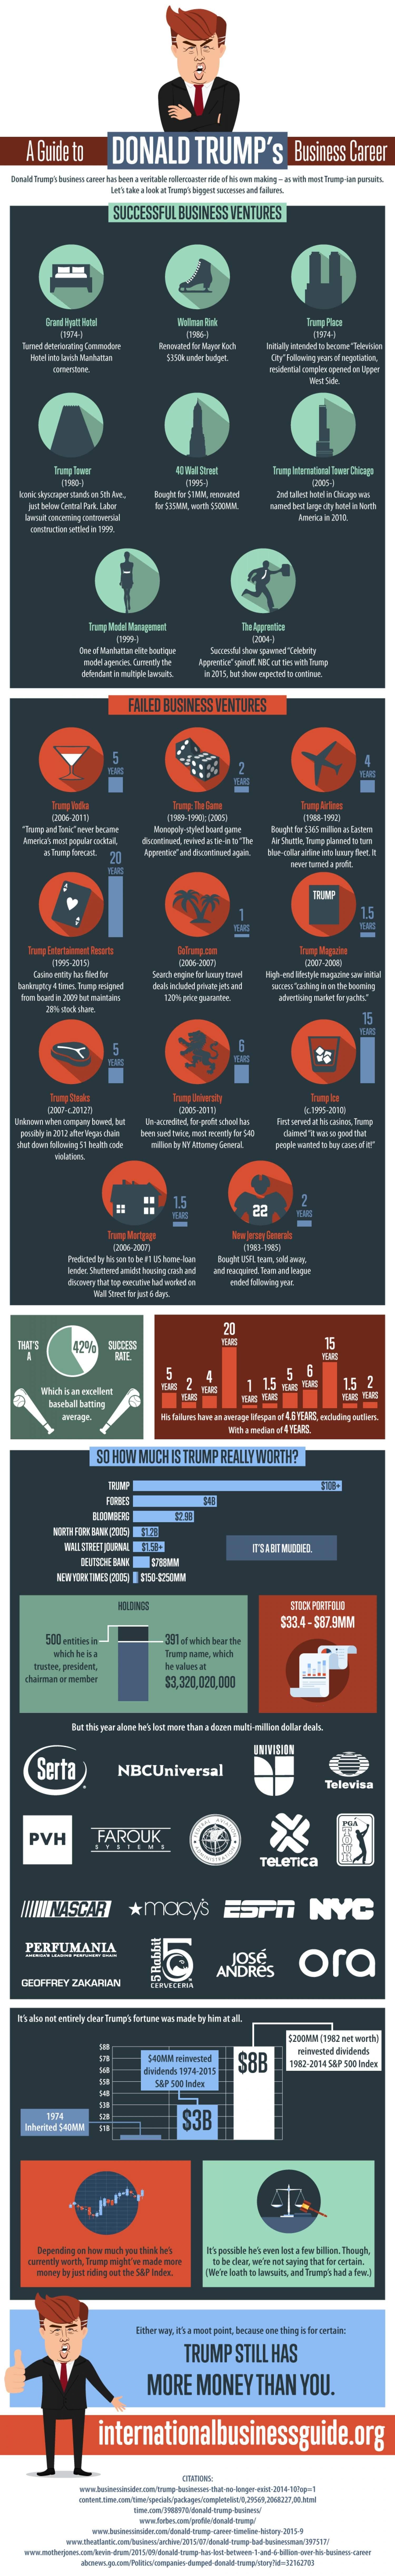 Infographic Een handleiding naar Trumps carriere